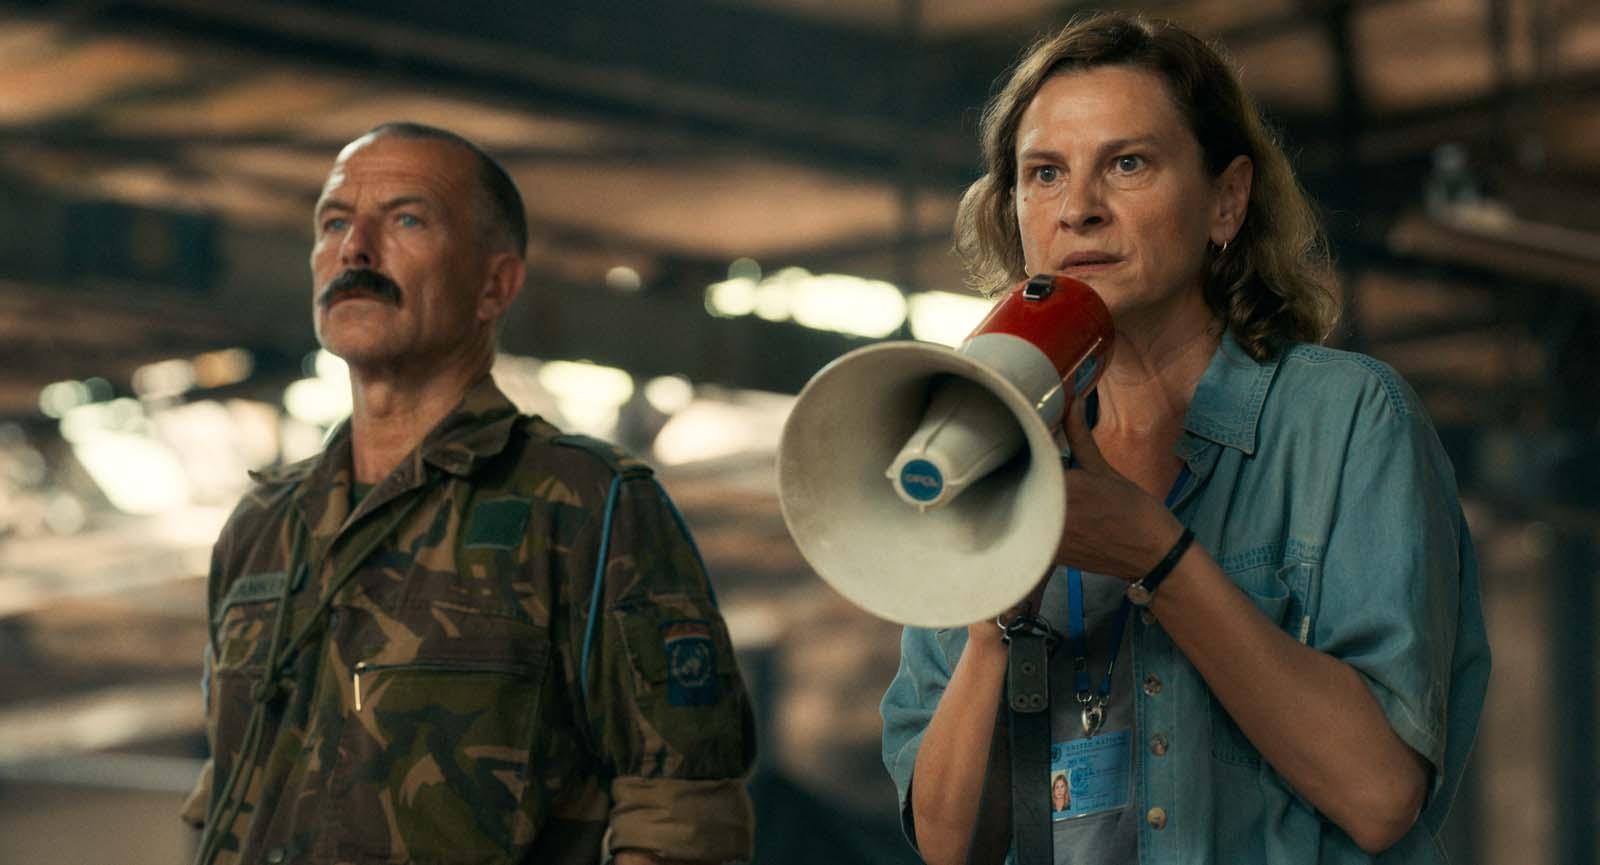 Cena de Quo Vadis, Aida?. À direita temos Aida, uma mulher branca, de olhos claros e cabelo castanho na altura do ombro. Ela veste camisa azul claro. Em suas mãos estão um megafone nas cores branco e vermelho. À esquerda temos um homem branco, com cabelo raspado e de bigode. Ele veste roupa militar.